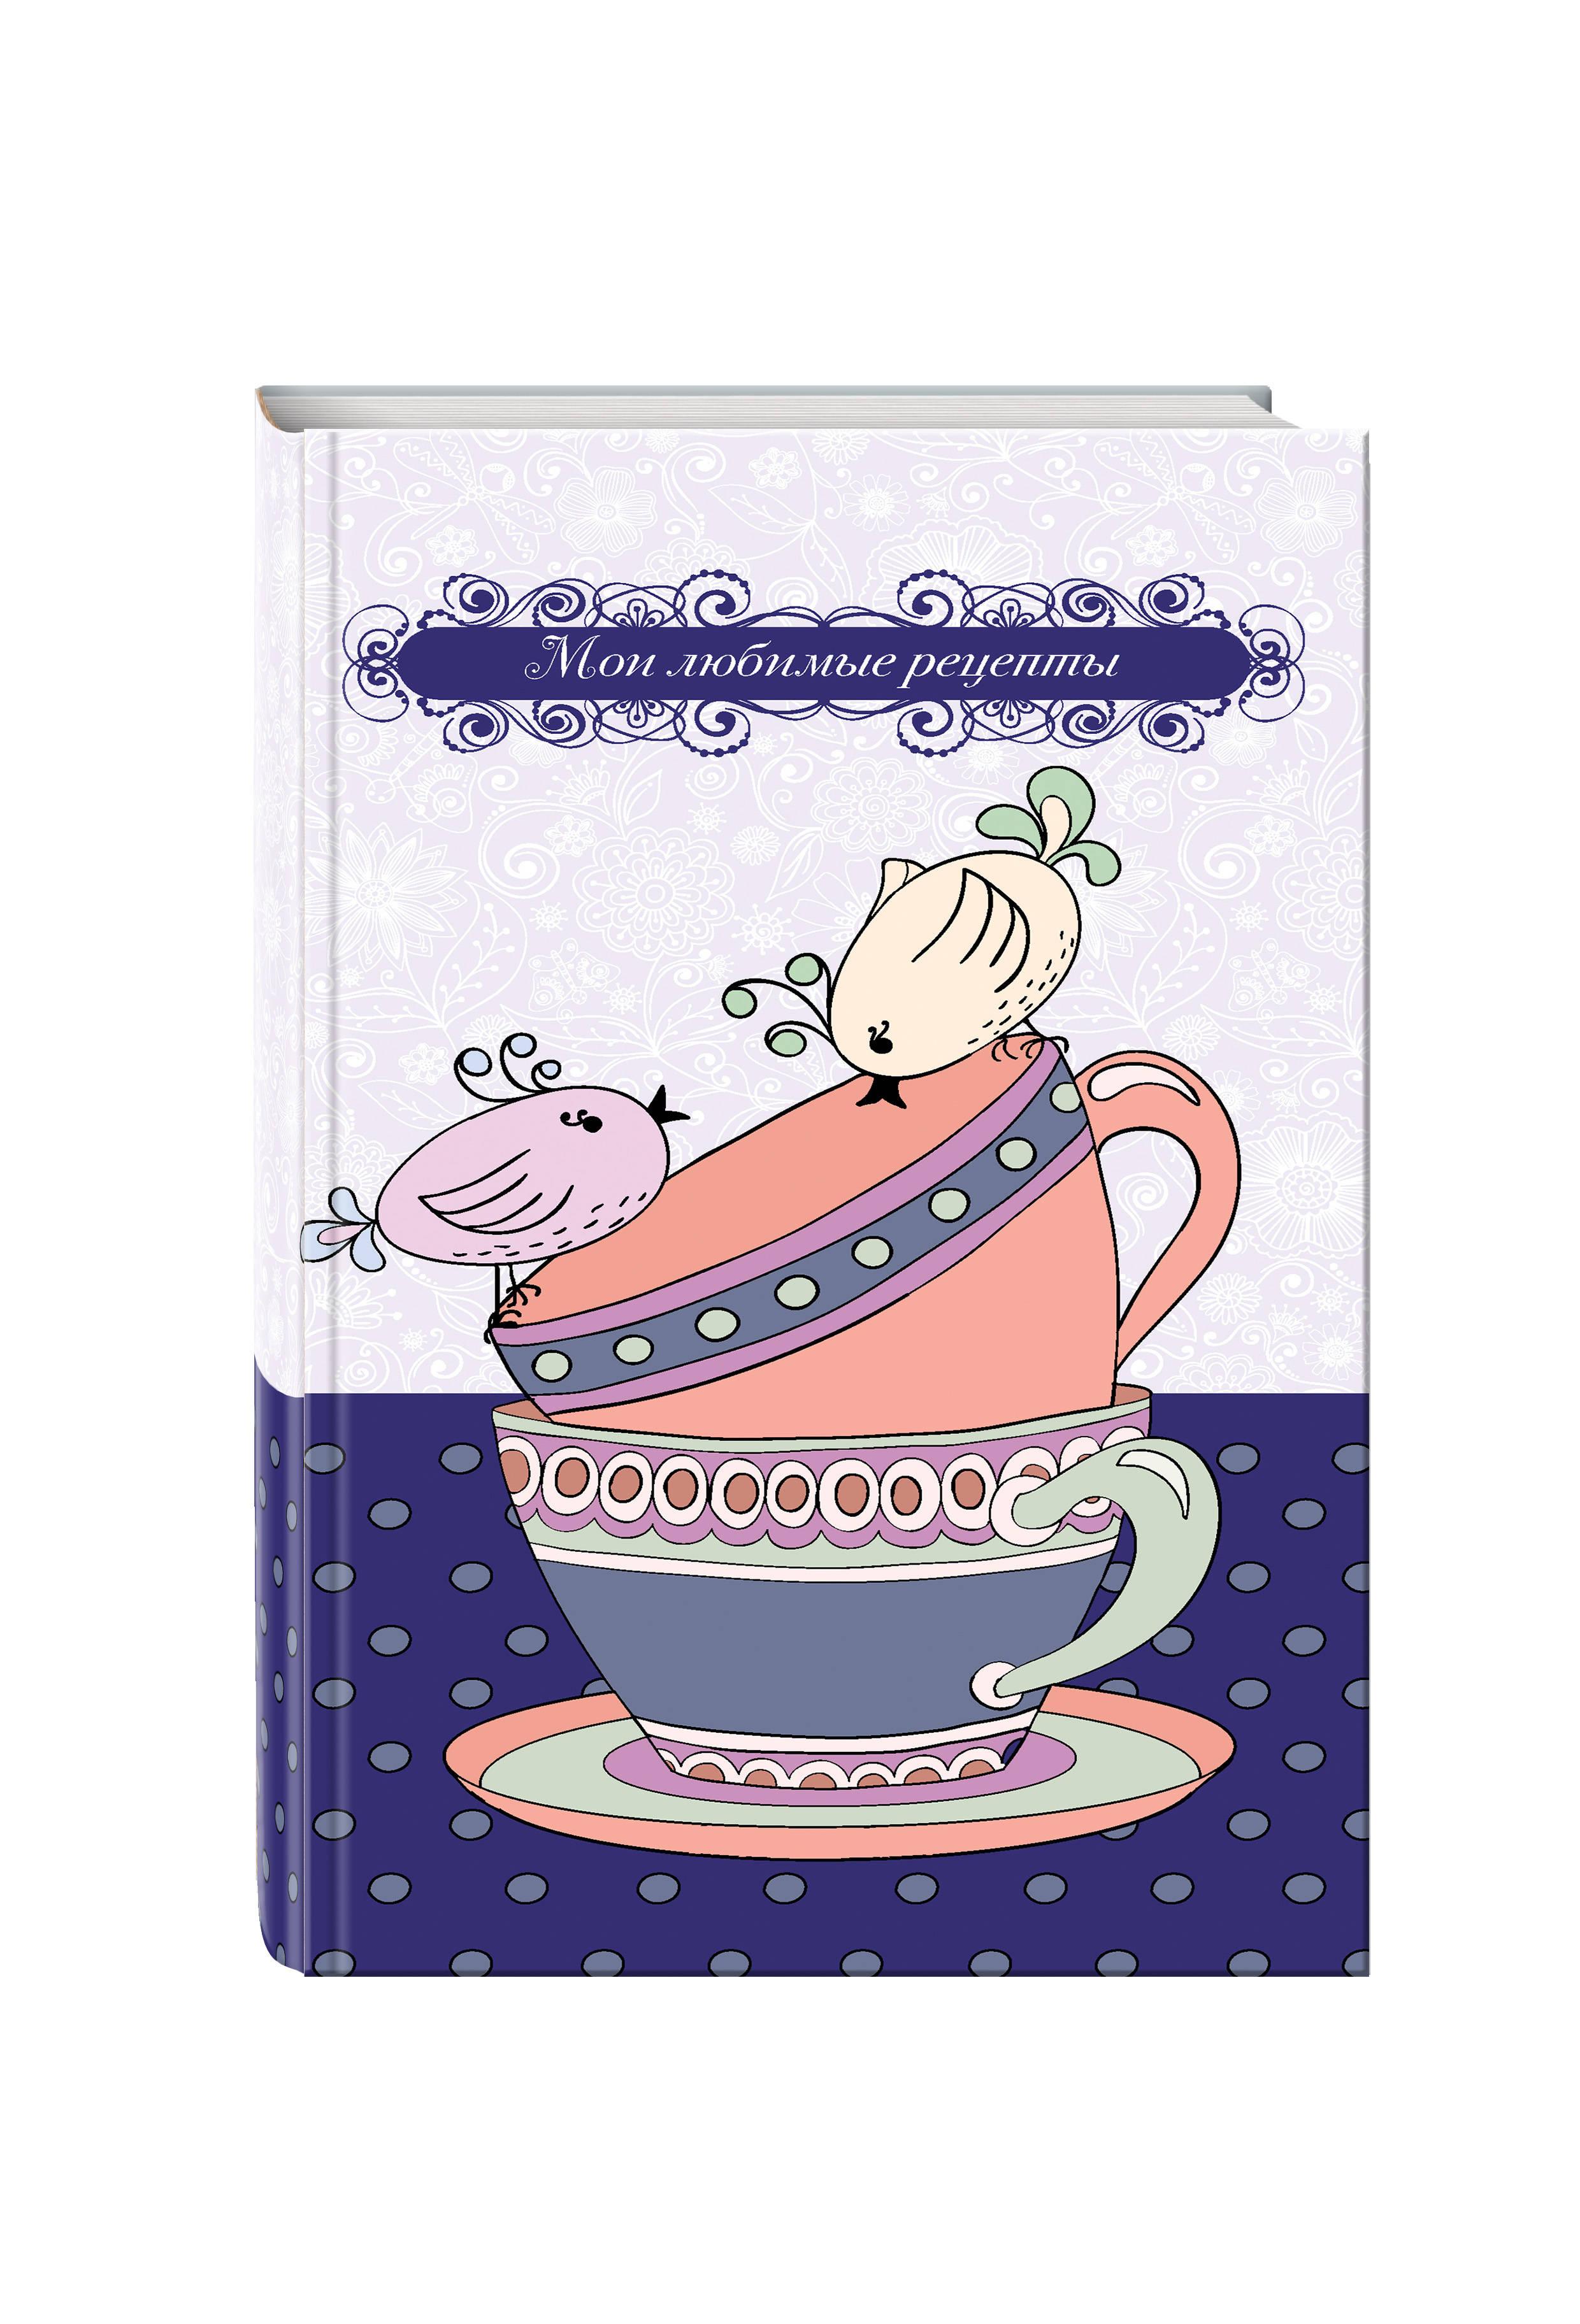 Мои любимые рецепты. Книга для записи рецептов (а5_Птички на чашке) книга рецептов